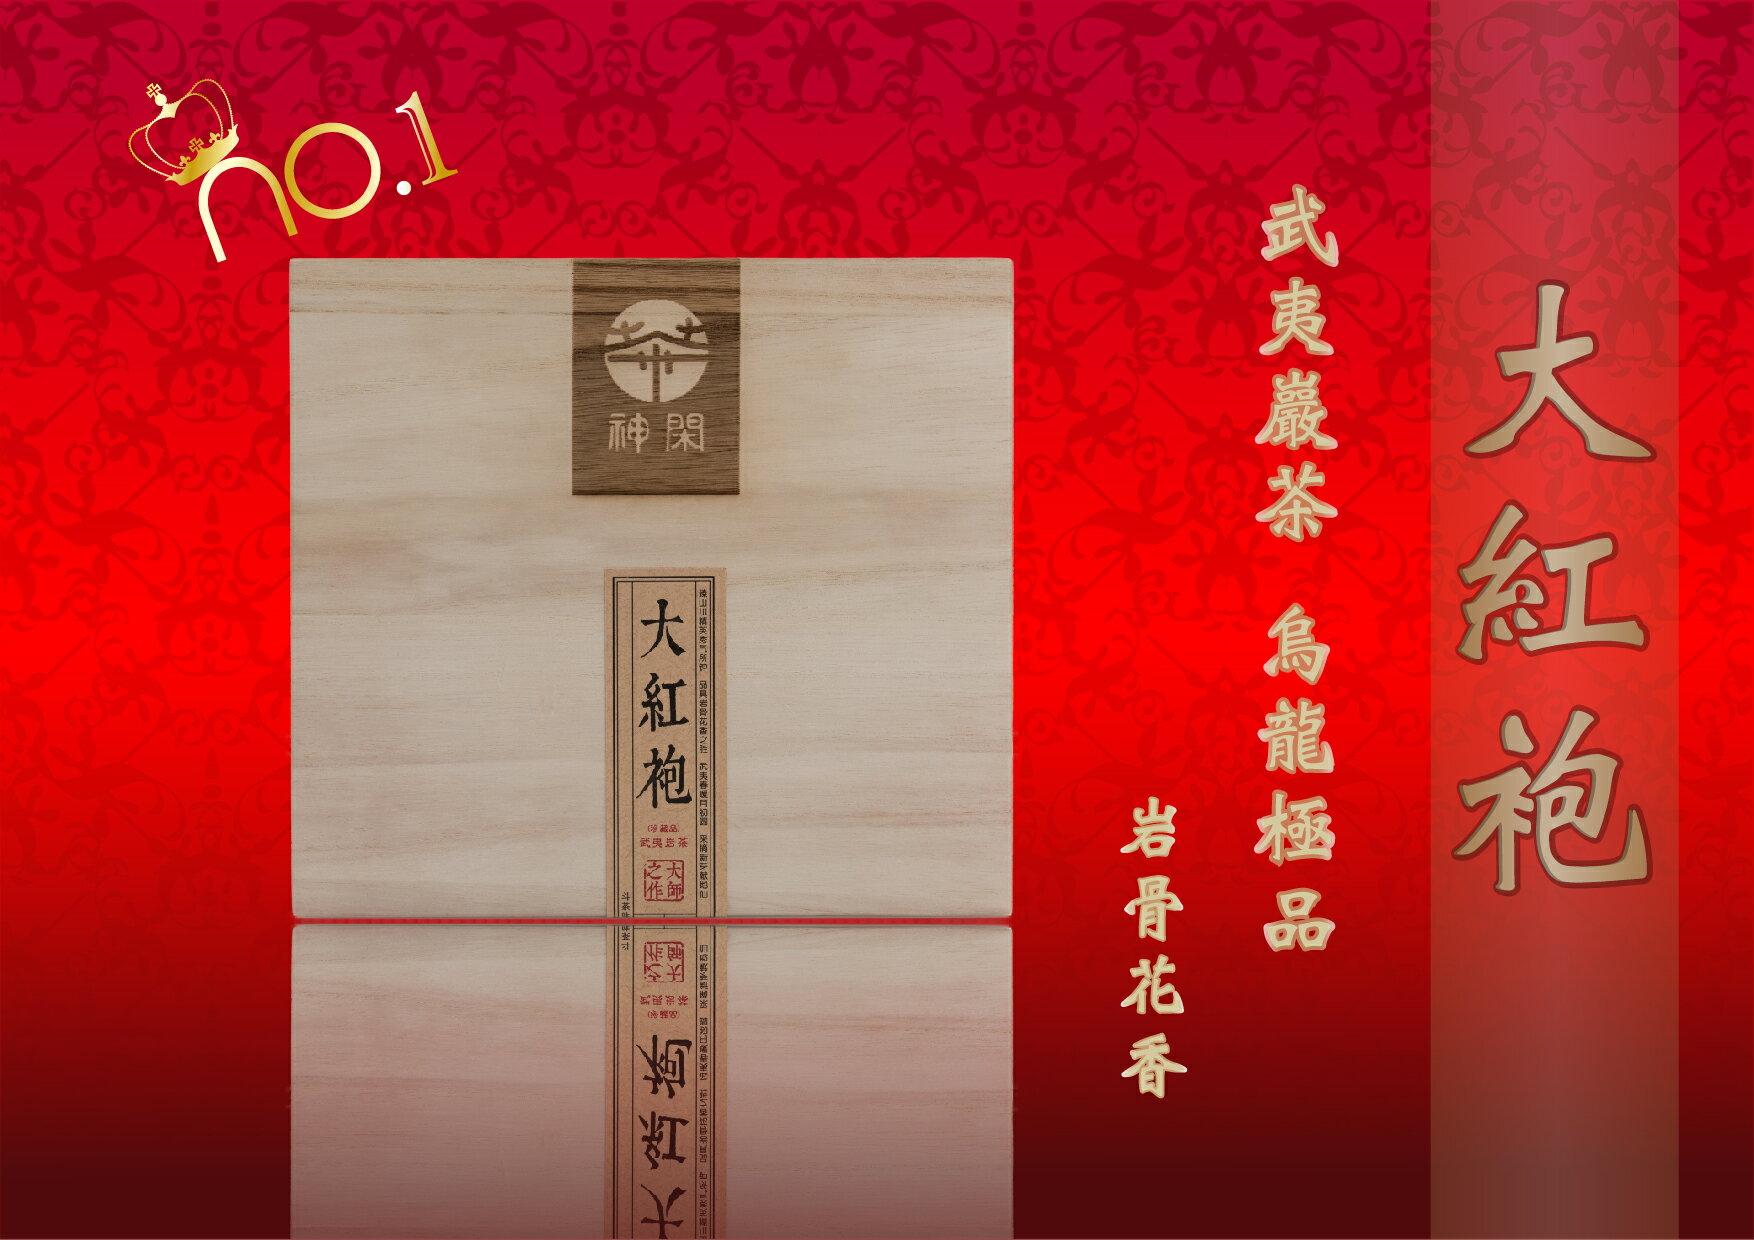 <br/><br/>  【神閑茶】大紅袍?武夷岩茶  年節送禮NO1 (免運)<br/><br/>